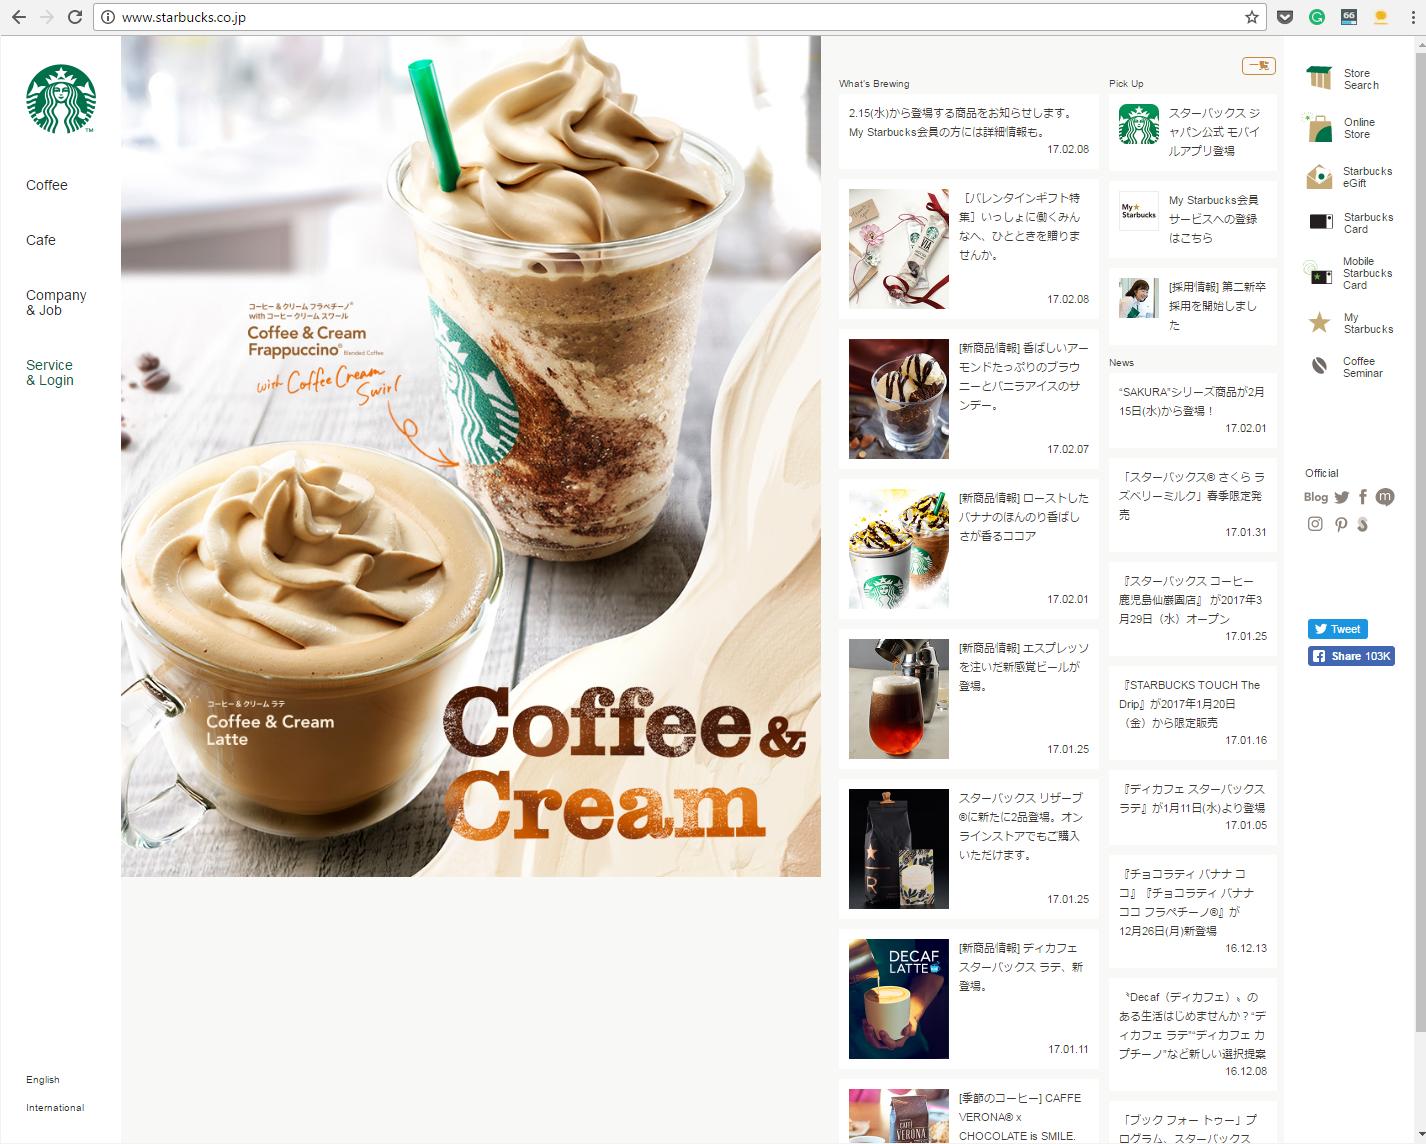 www.starbucks.co.jp screen